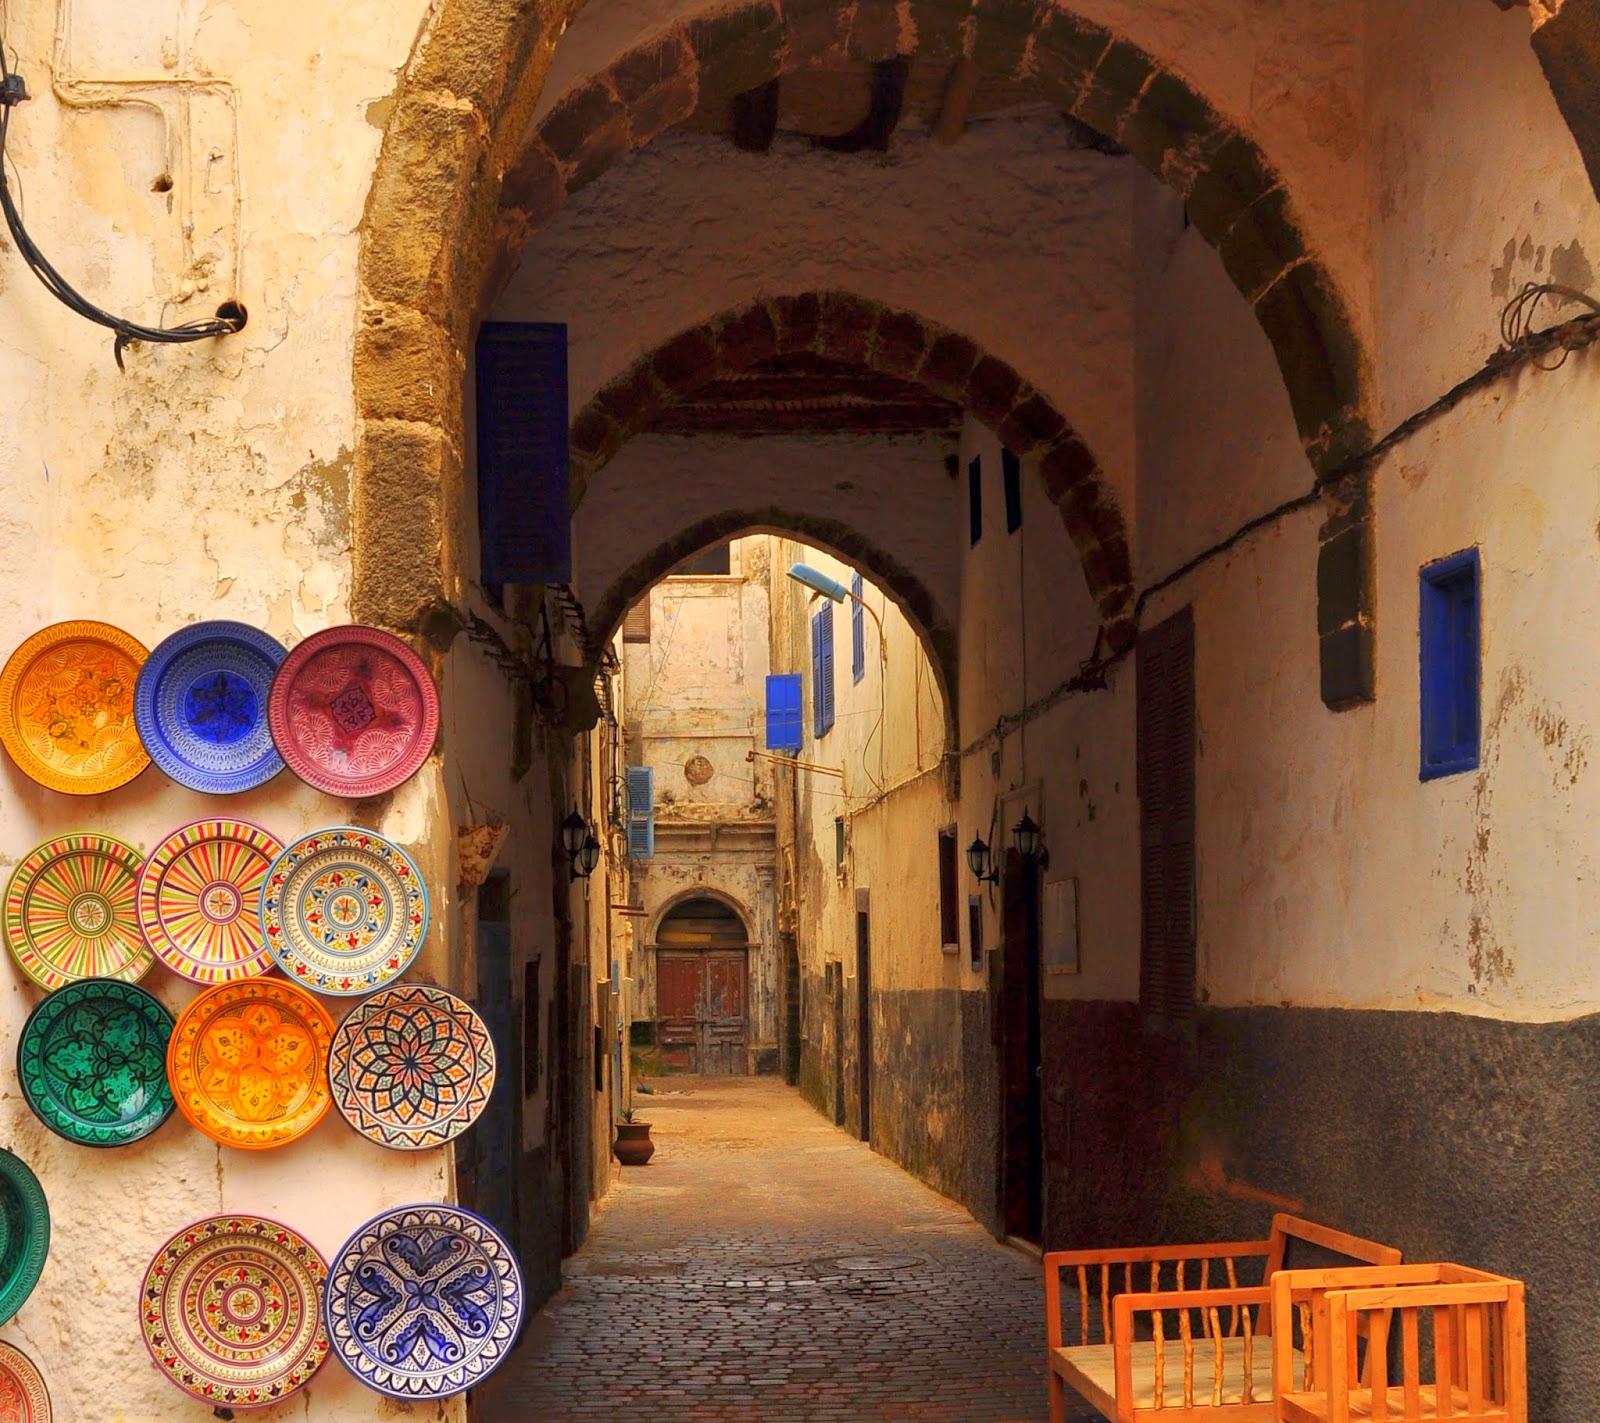 callejones con encanto en Marruecos